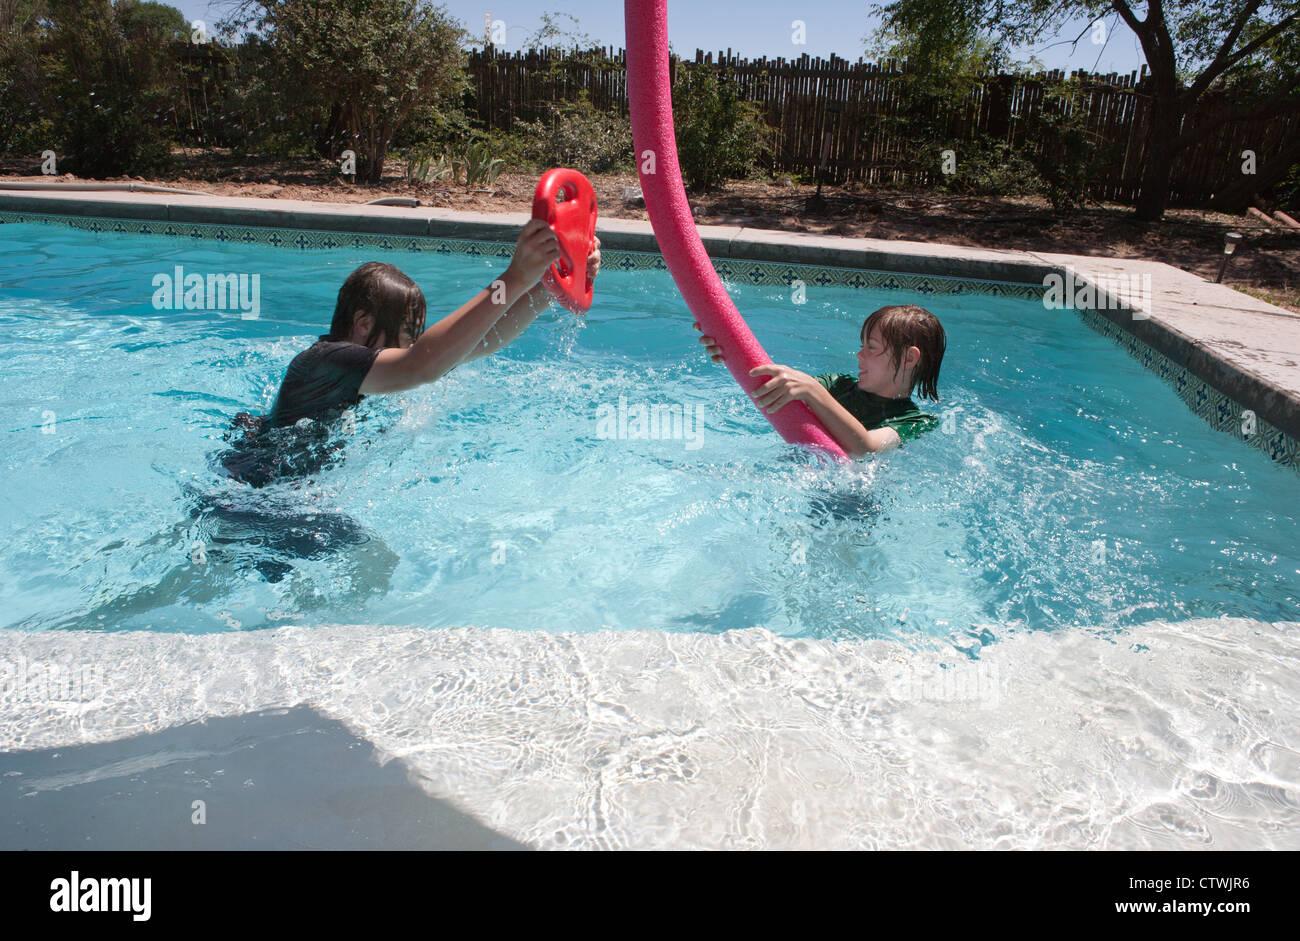 zwei jungen spielen k mpfen in einem pool mit floating nudel und kick board stockfoto bild. Black Bedroom Furniture Sets. Home Design Ideas